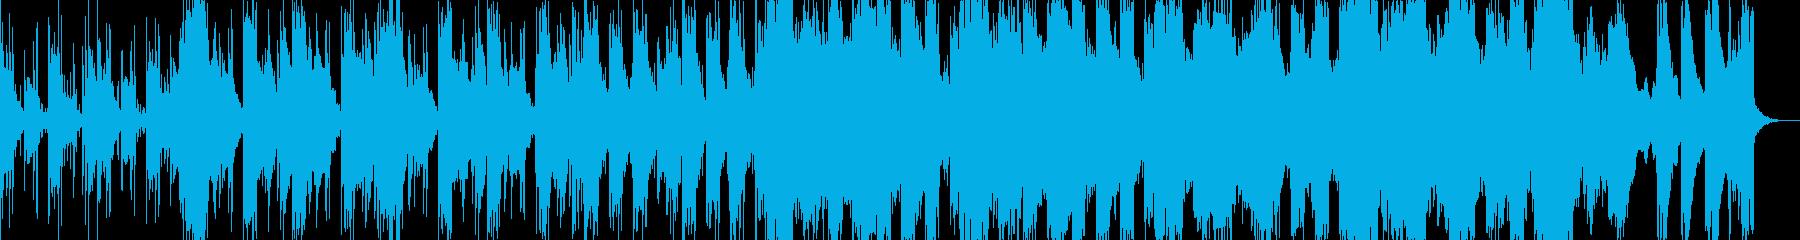 しっとりした和風のピアノR&Bの再生済みの波形